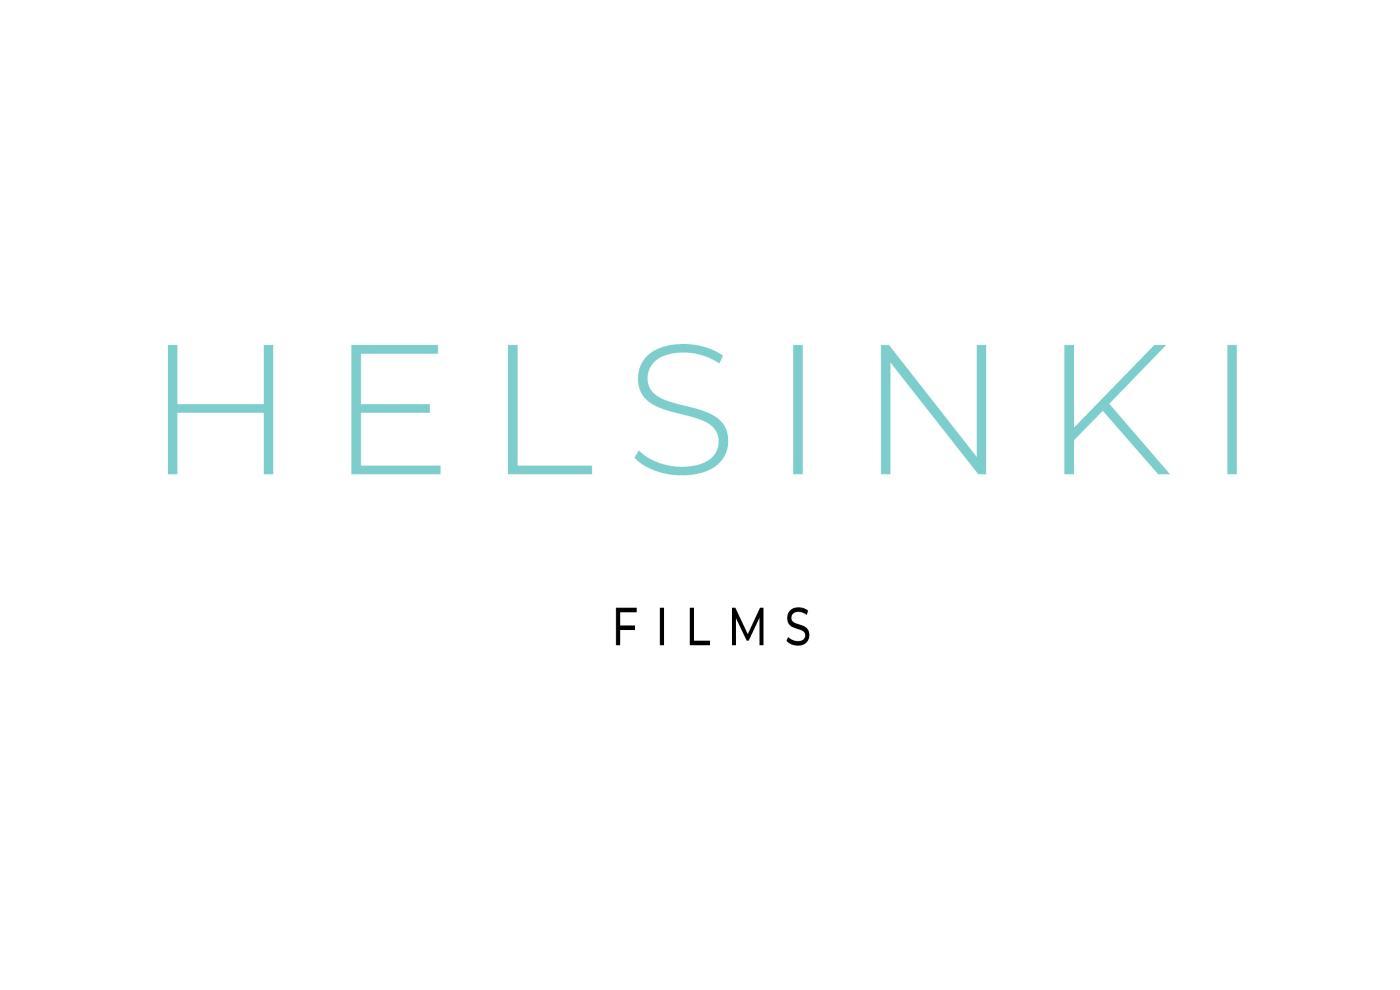 Helsinki_LOGO_V01_web.jpg